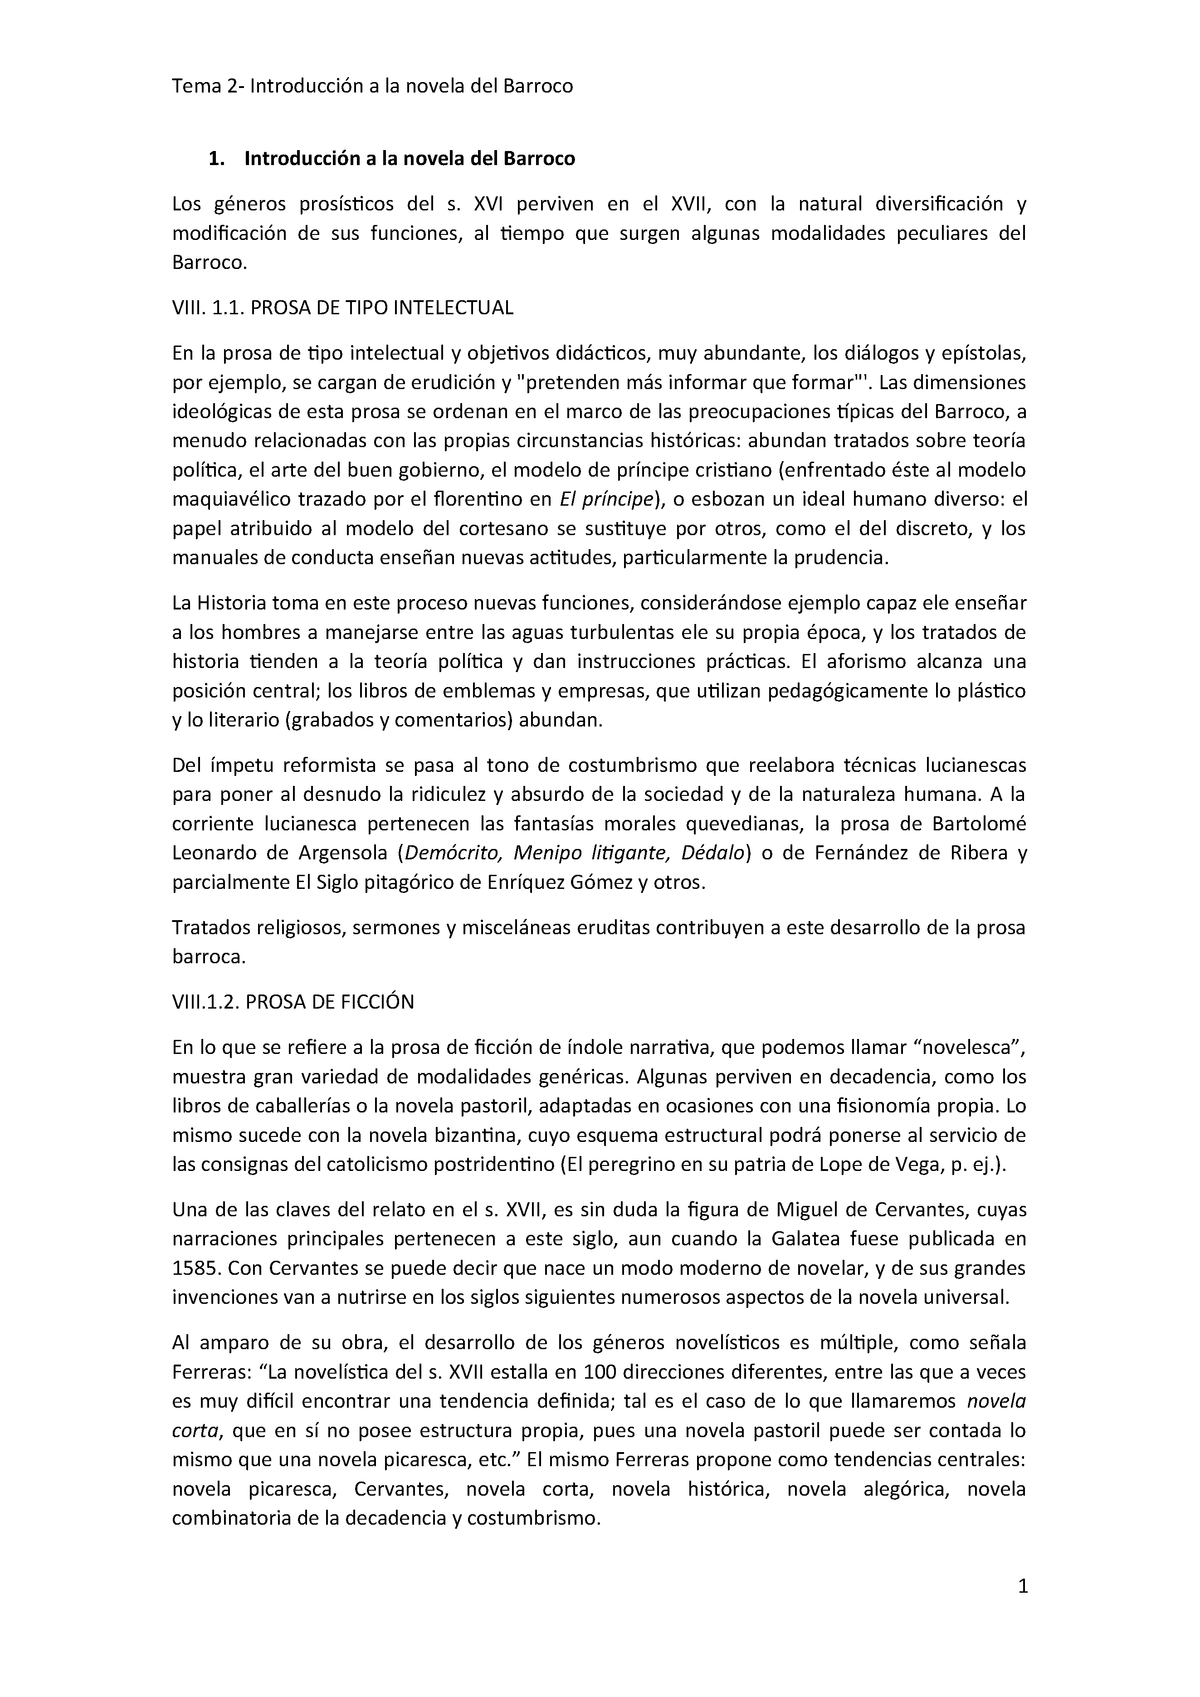 Tema 2 Novela Del Barroco 64012147 Uned Studocu